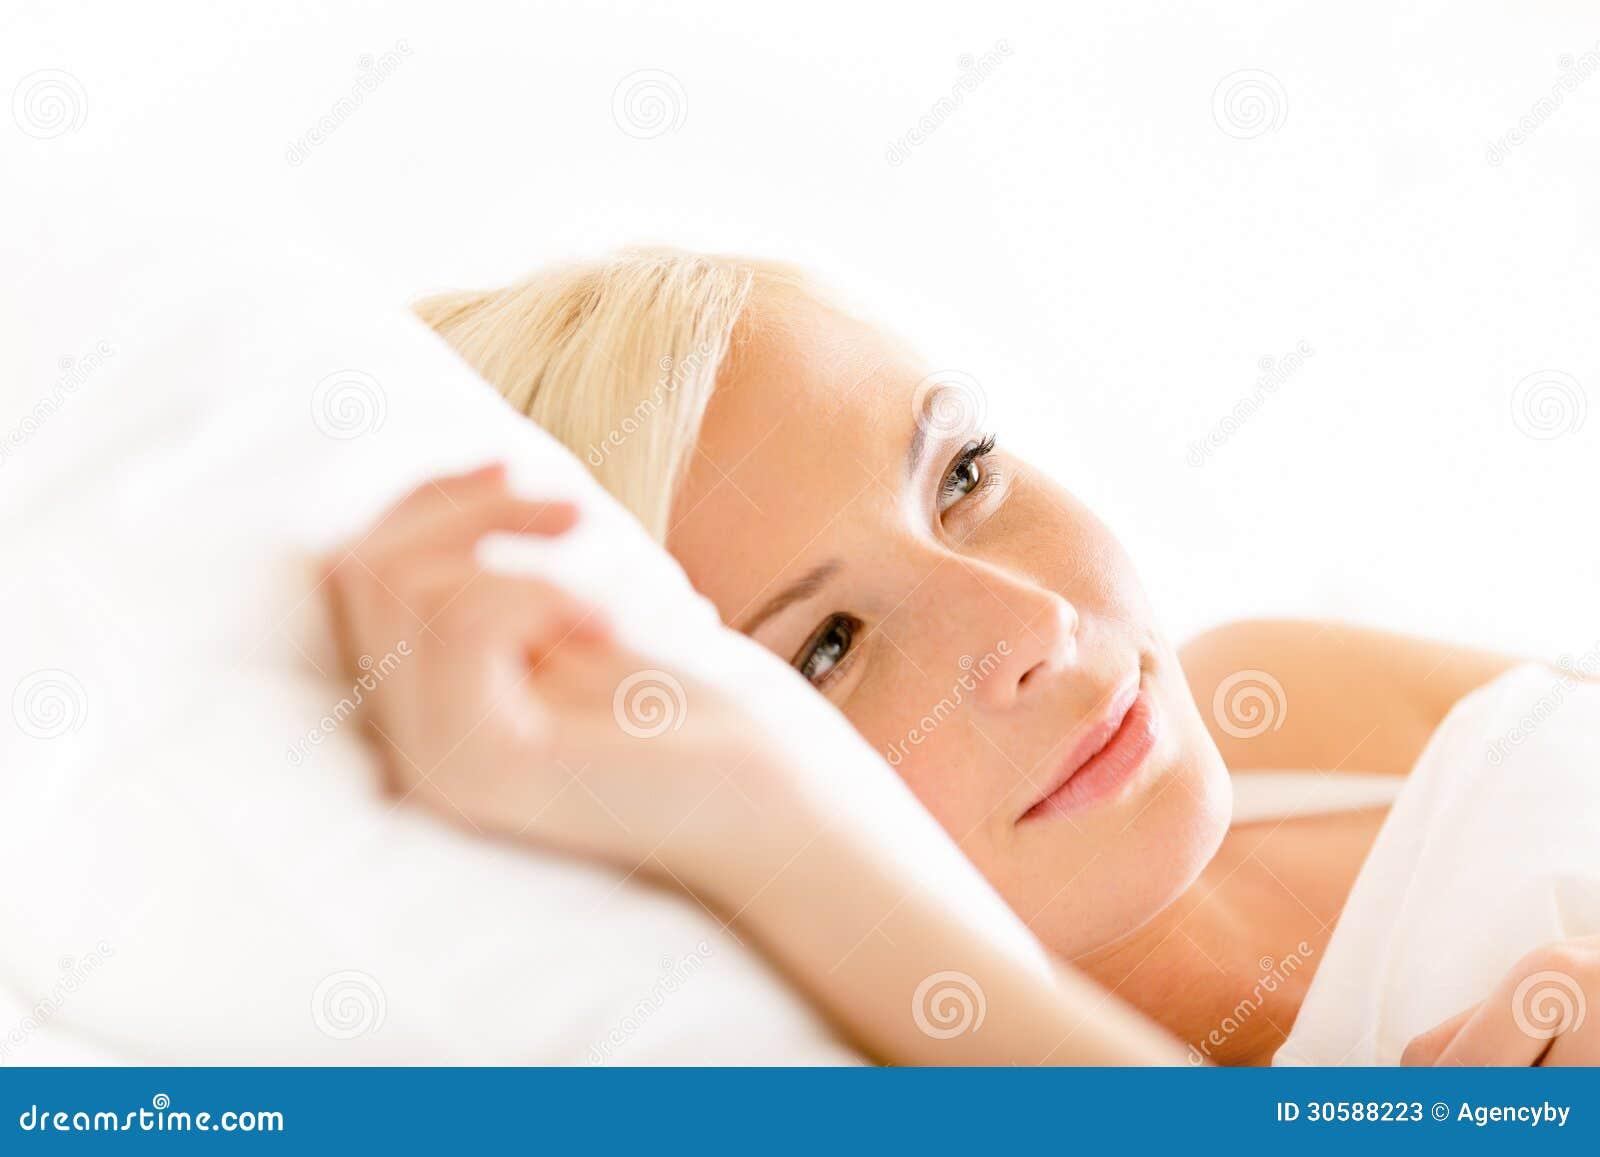 Stäng sig upp skott av att ligga i sängkvinna